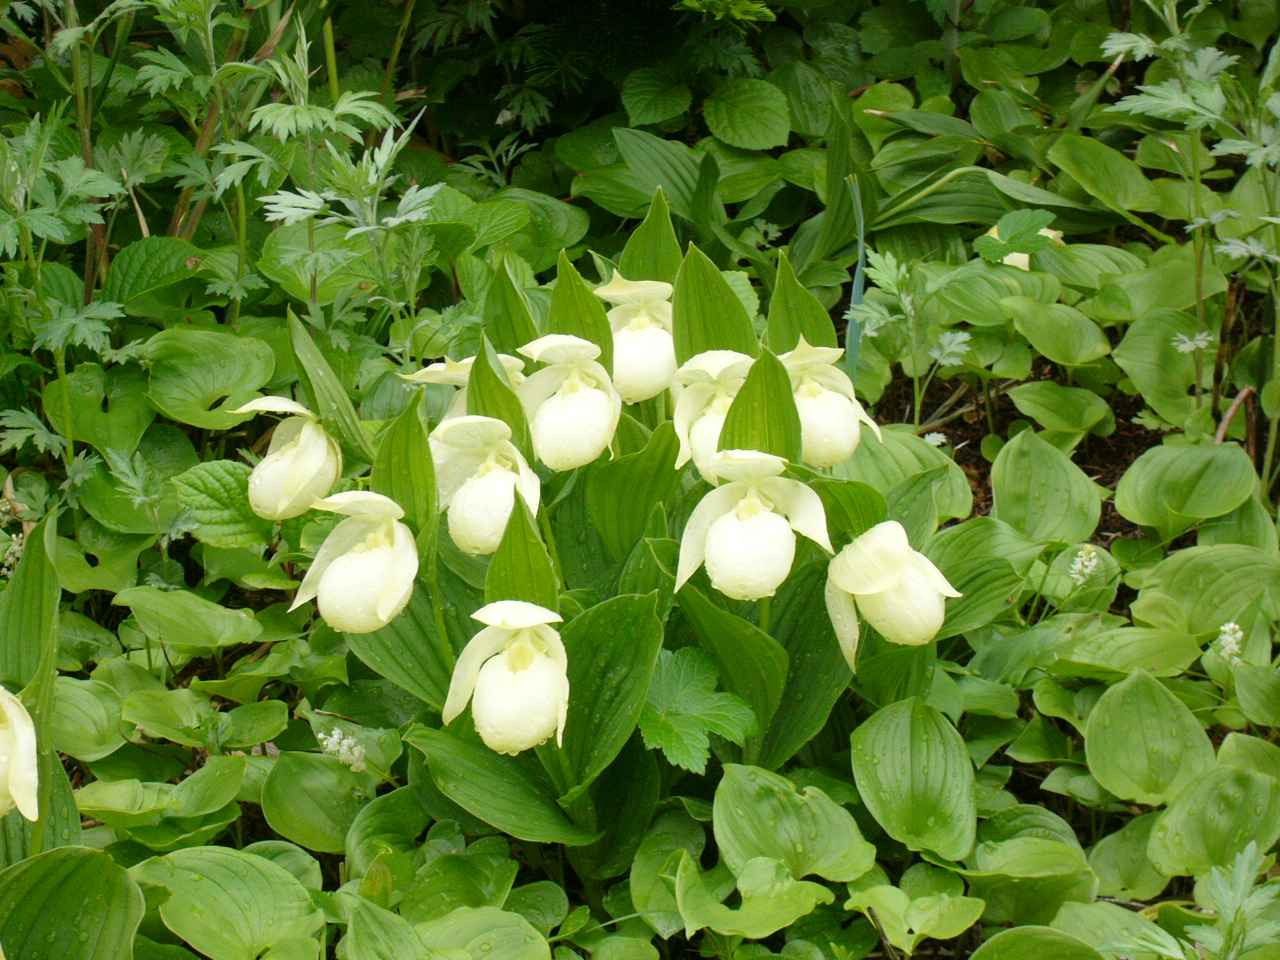 画像: 世界中でここにしか咲かない・・・礼文島の固有種「レブンアツモリソウ」は5月中旬~6月中旬の限られたシーズンのみ観賞できます。